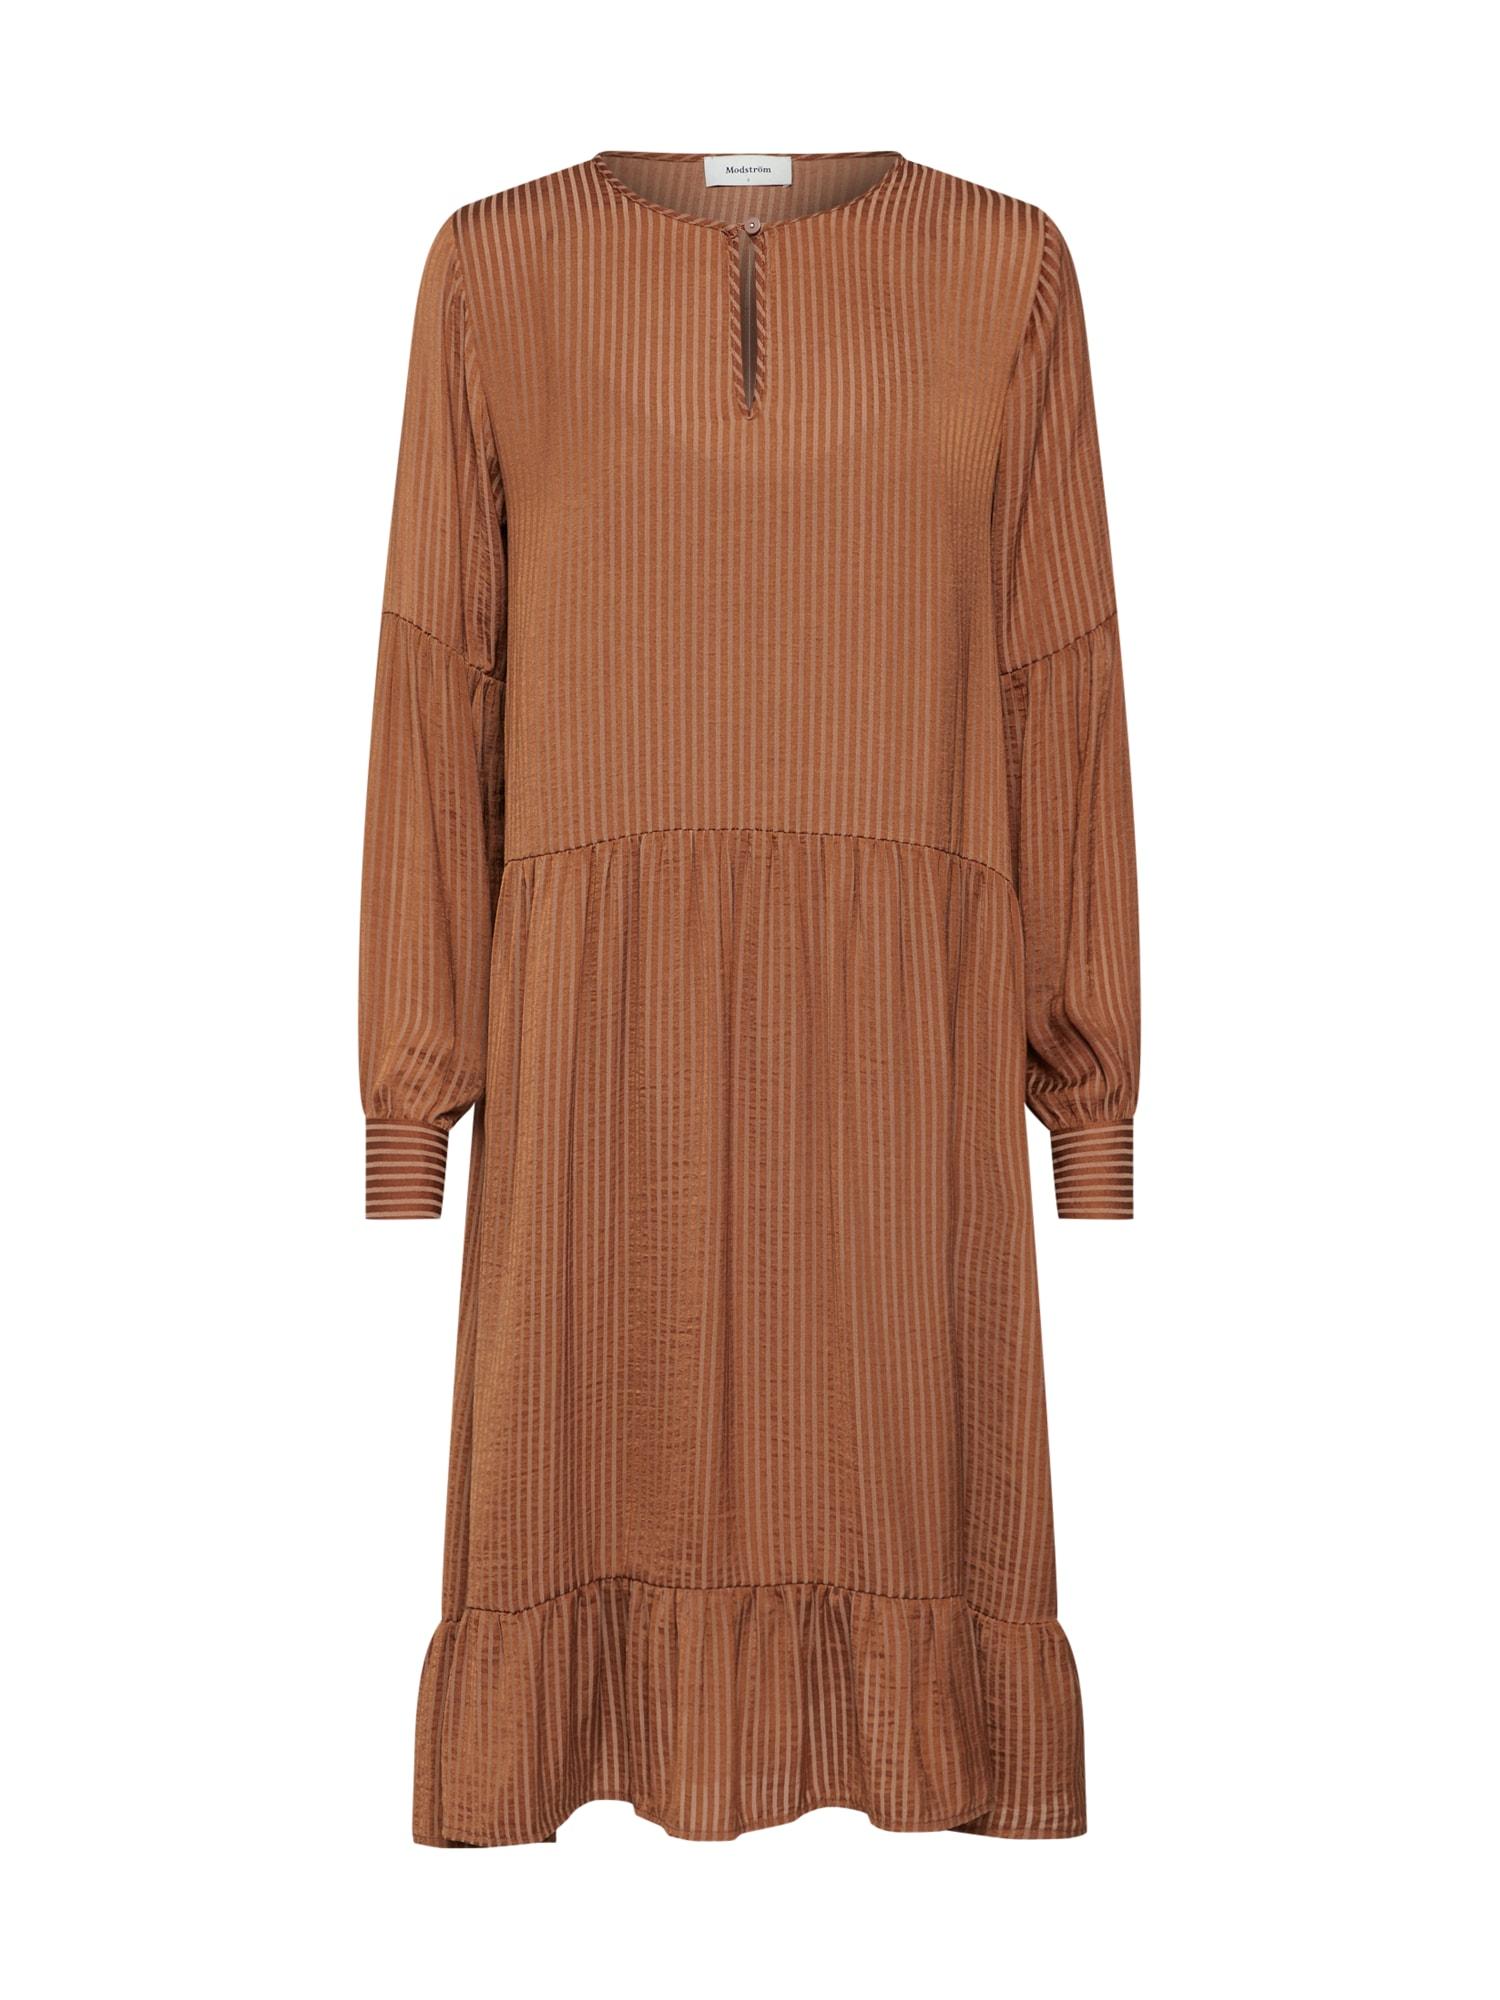 Šaty Rich dress hnědá Modström